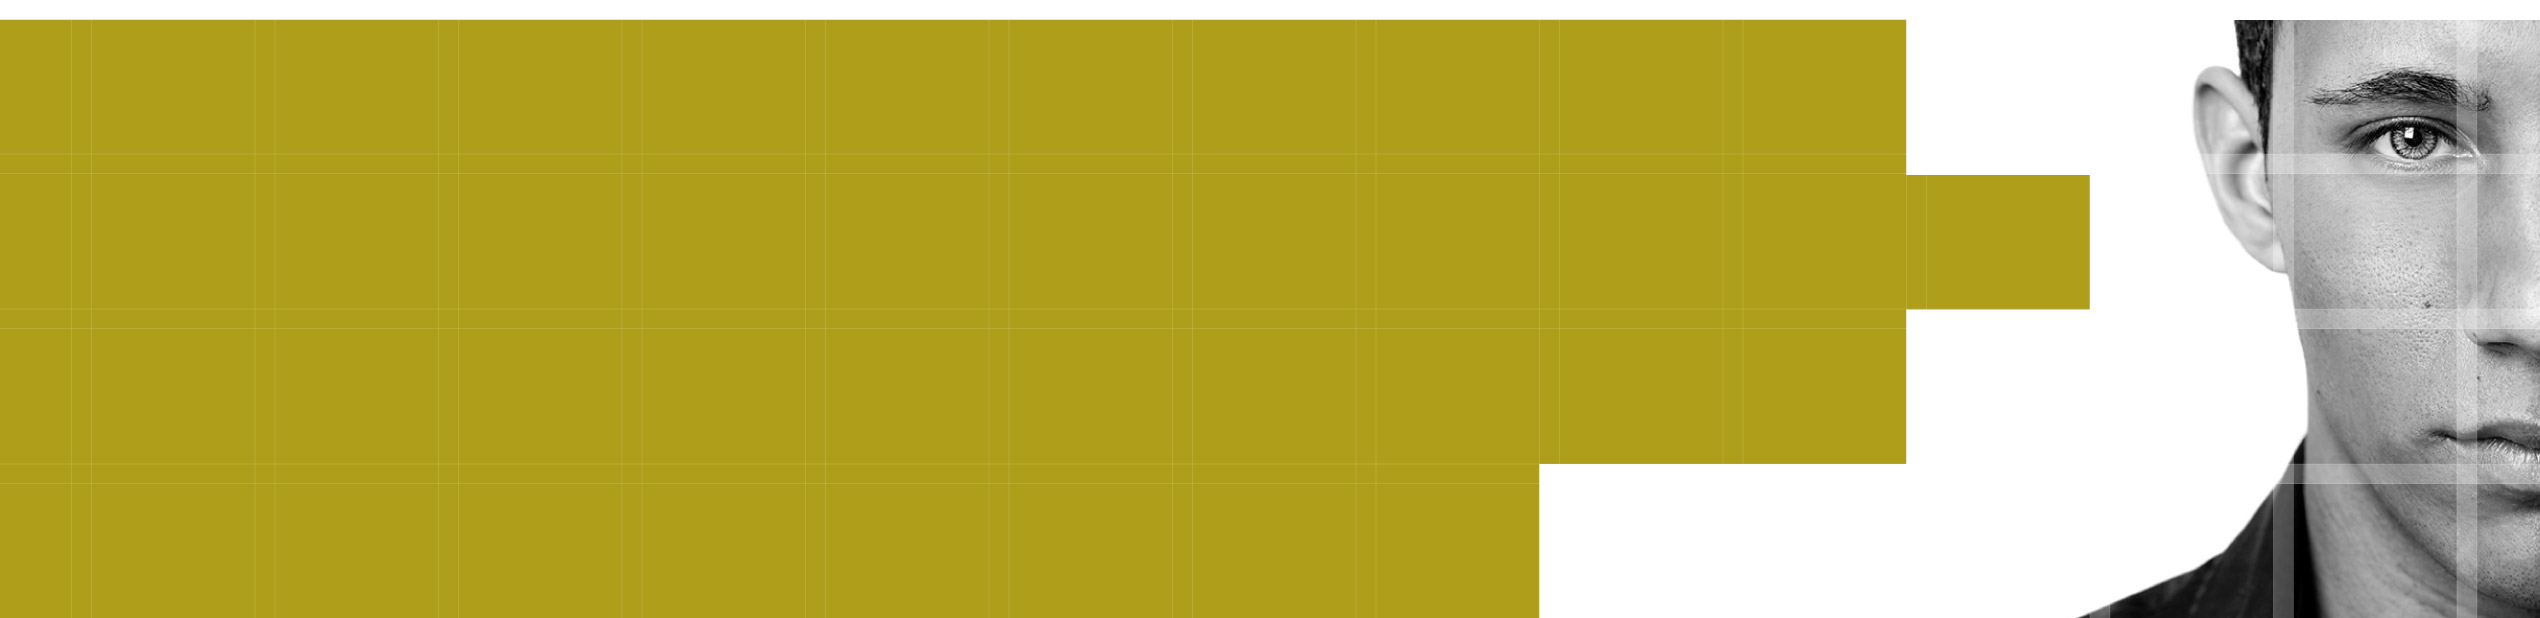 Ontwerp logo en huisstijl Breinwave - Nieuwegein